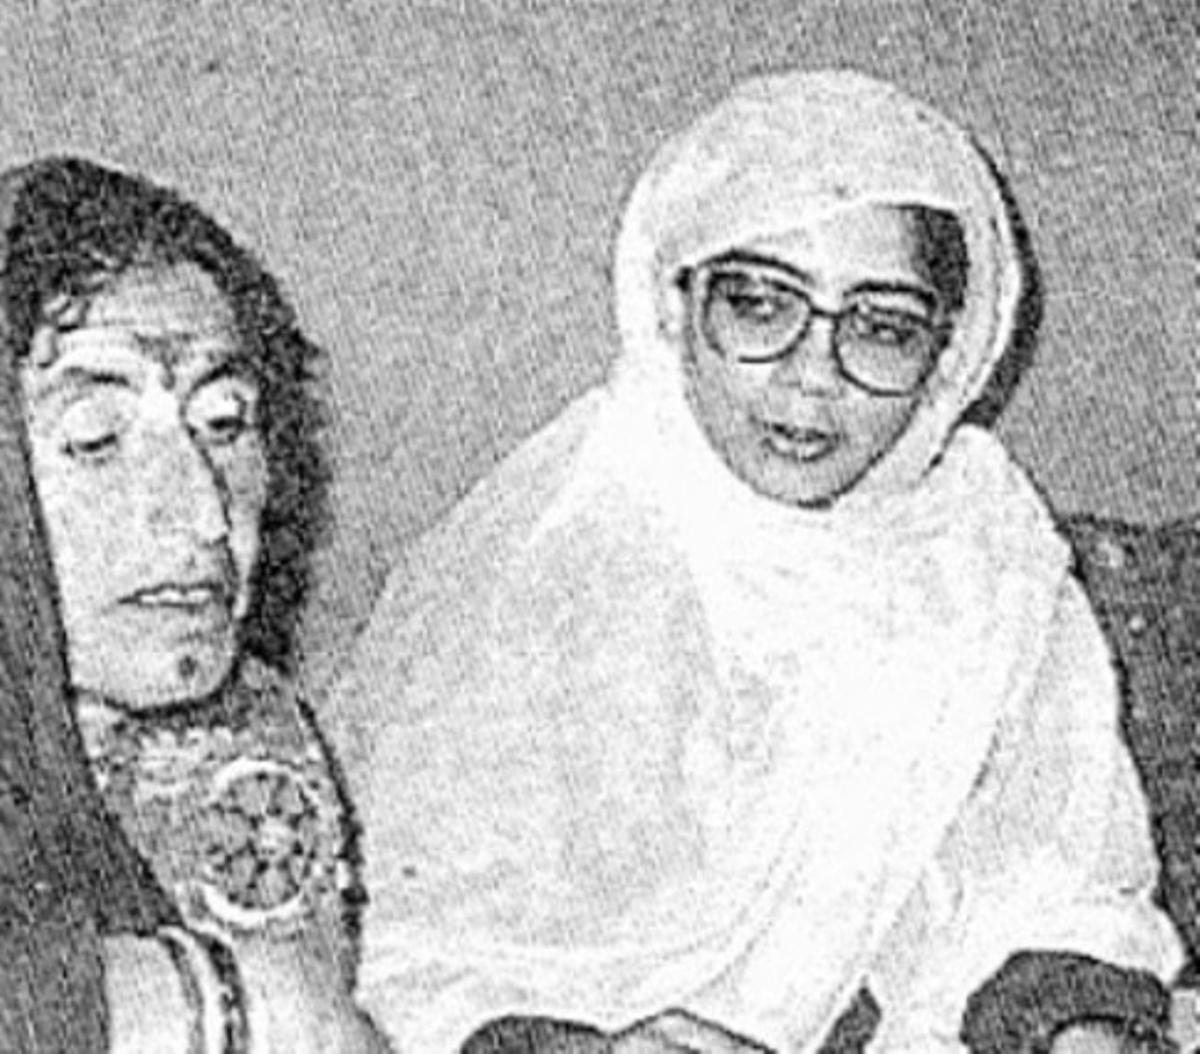 Laili Helms (derecha), estaba casada con un sobrino de Richard Helms, ex director de la CIA, y fue portavoz oficiosa de los talibanes ante las Naciones Unidas.